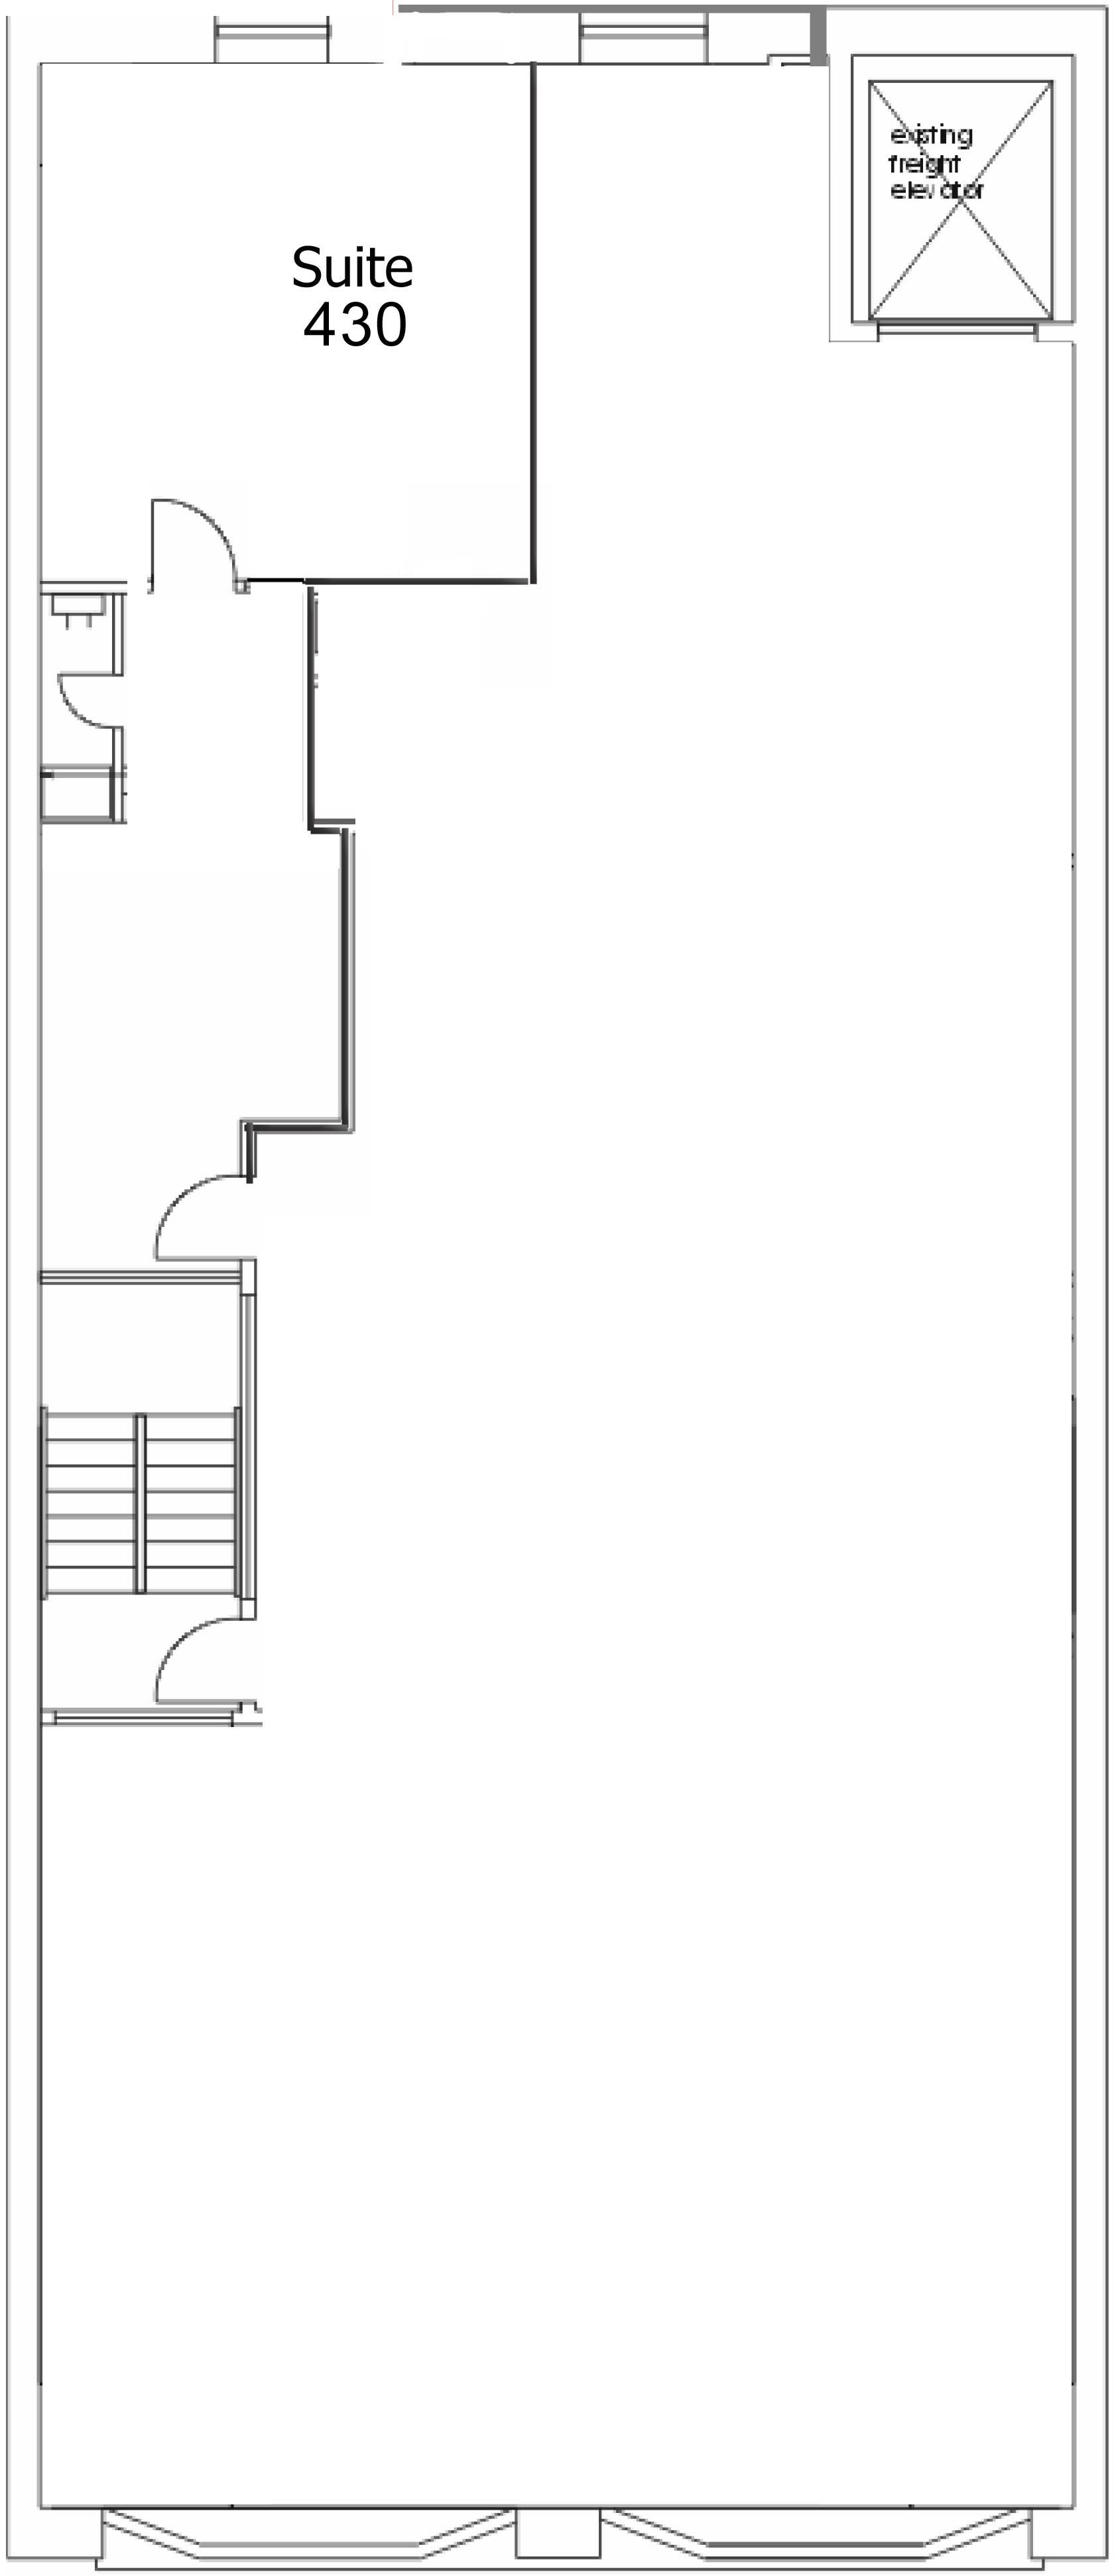 Suite 430 Floor Plan